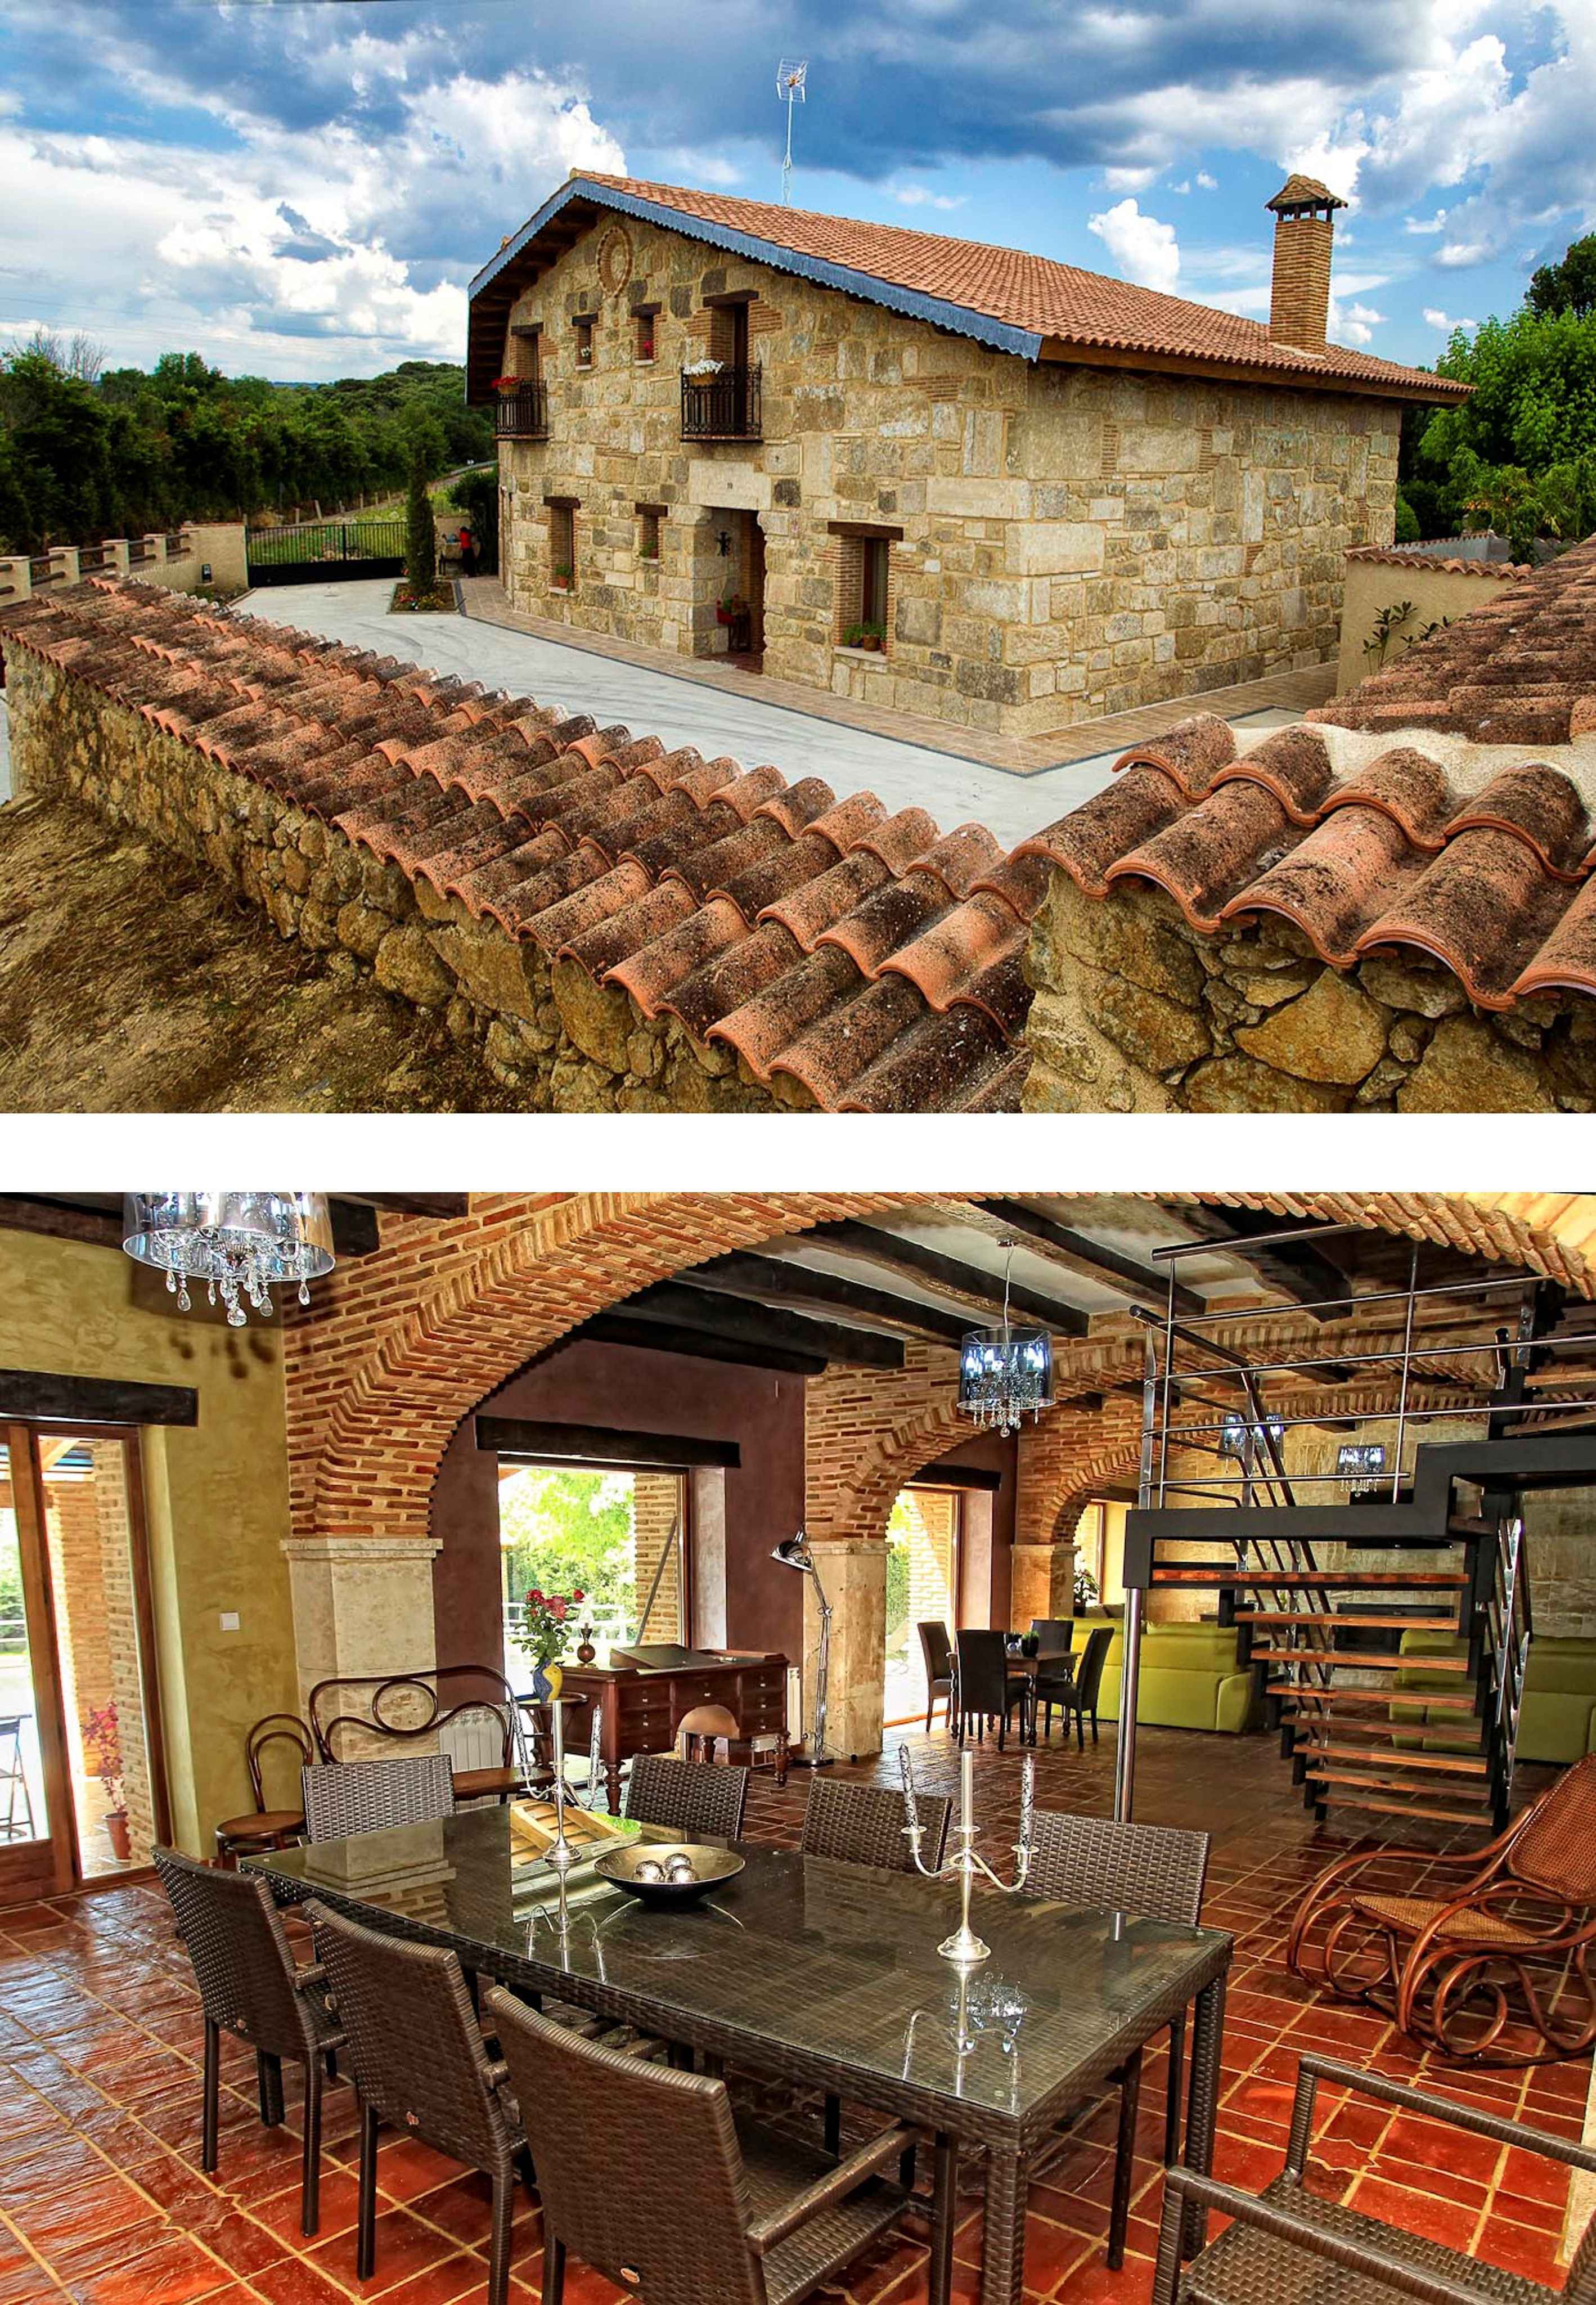 Salamanca Casa Para Fiestas En Ciudad Rodrigo 6 Habitaciones Y Gran Salón Con Chimenea Casas Para Fiestas Estilo En El Hogar Casas Grandes